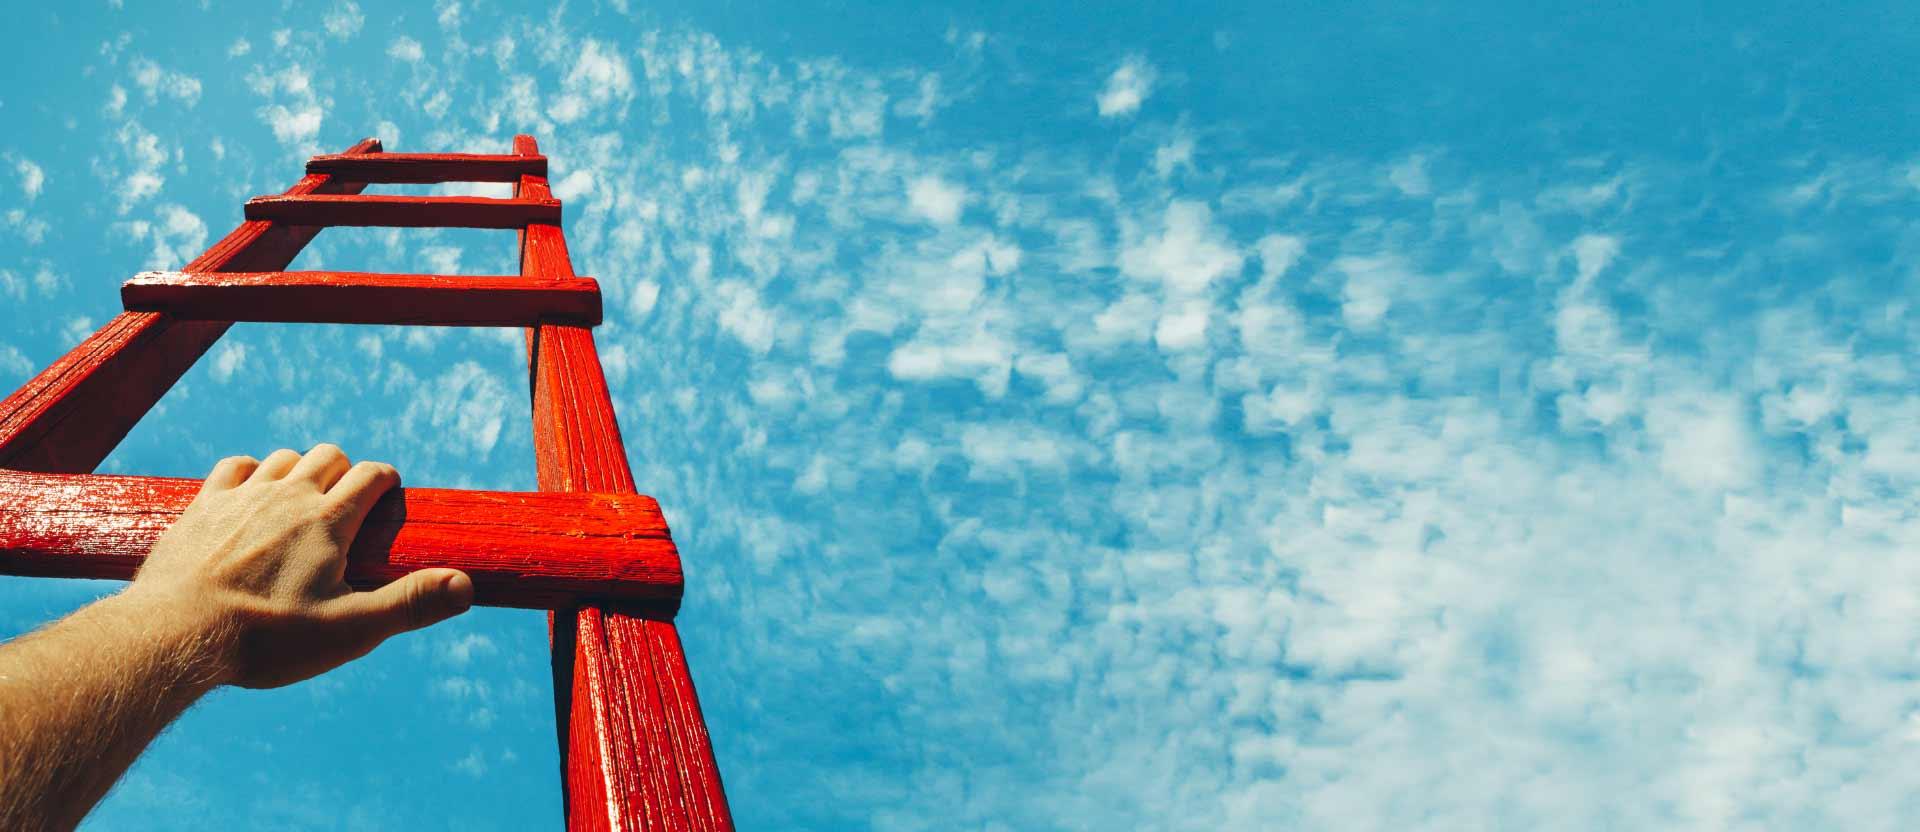 ladder against sky